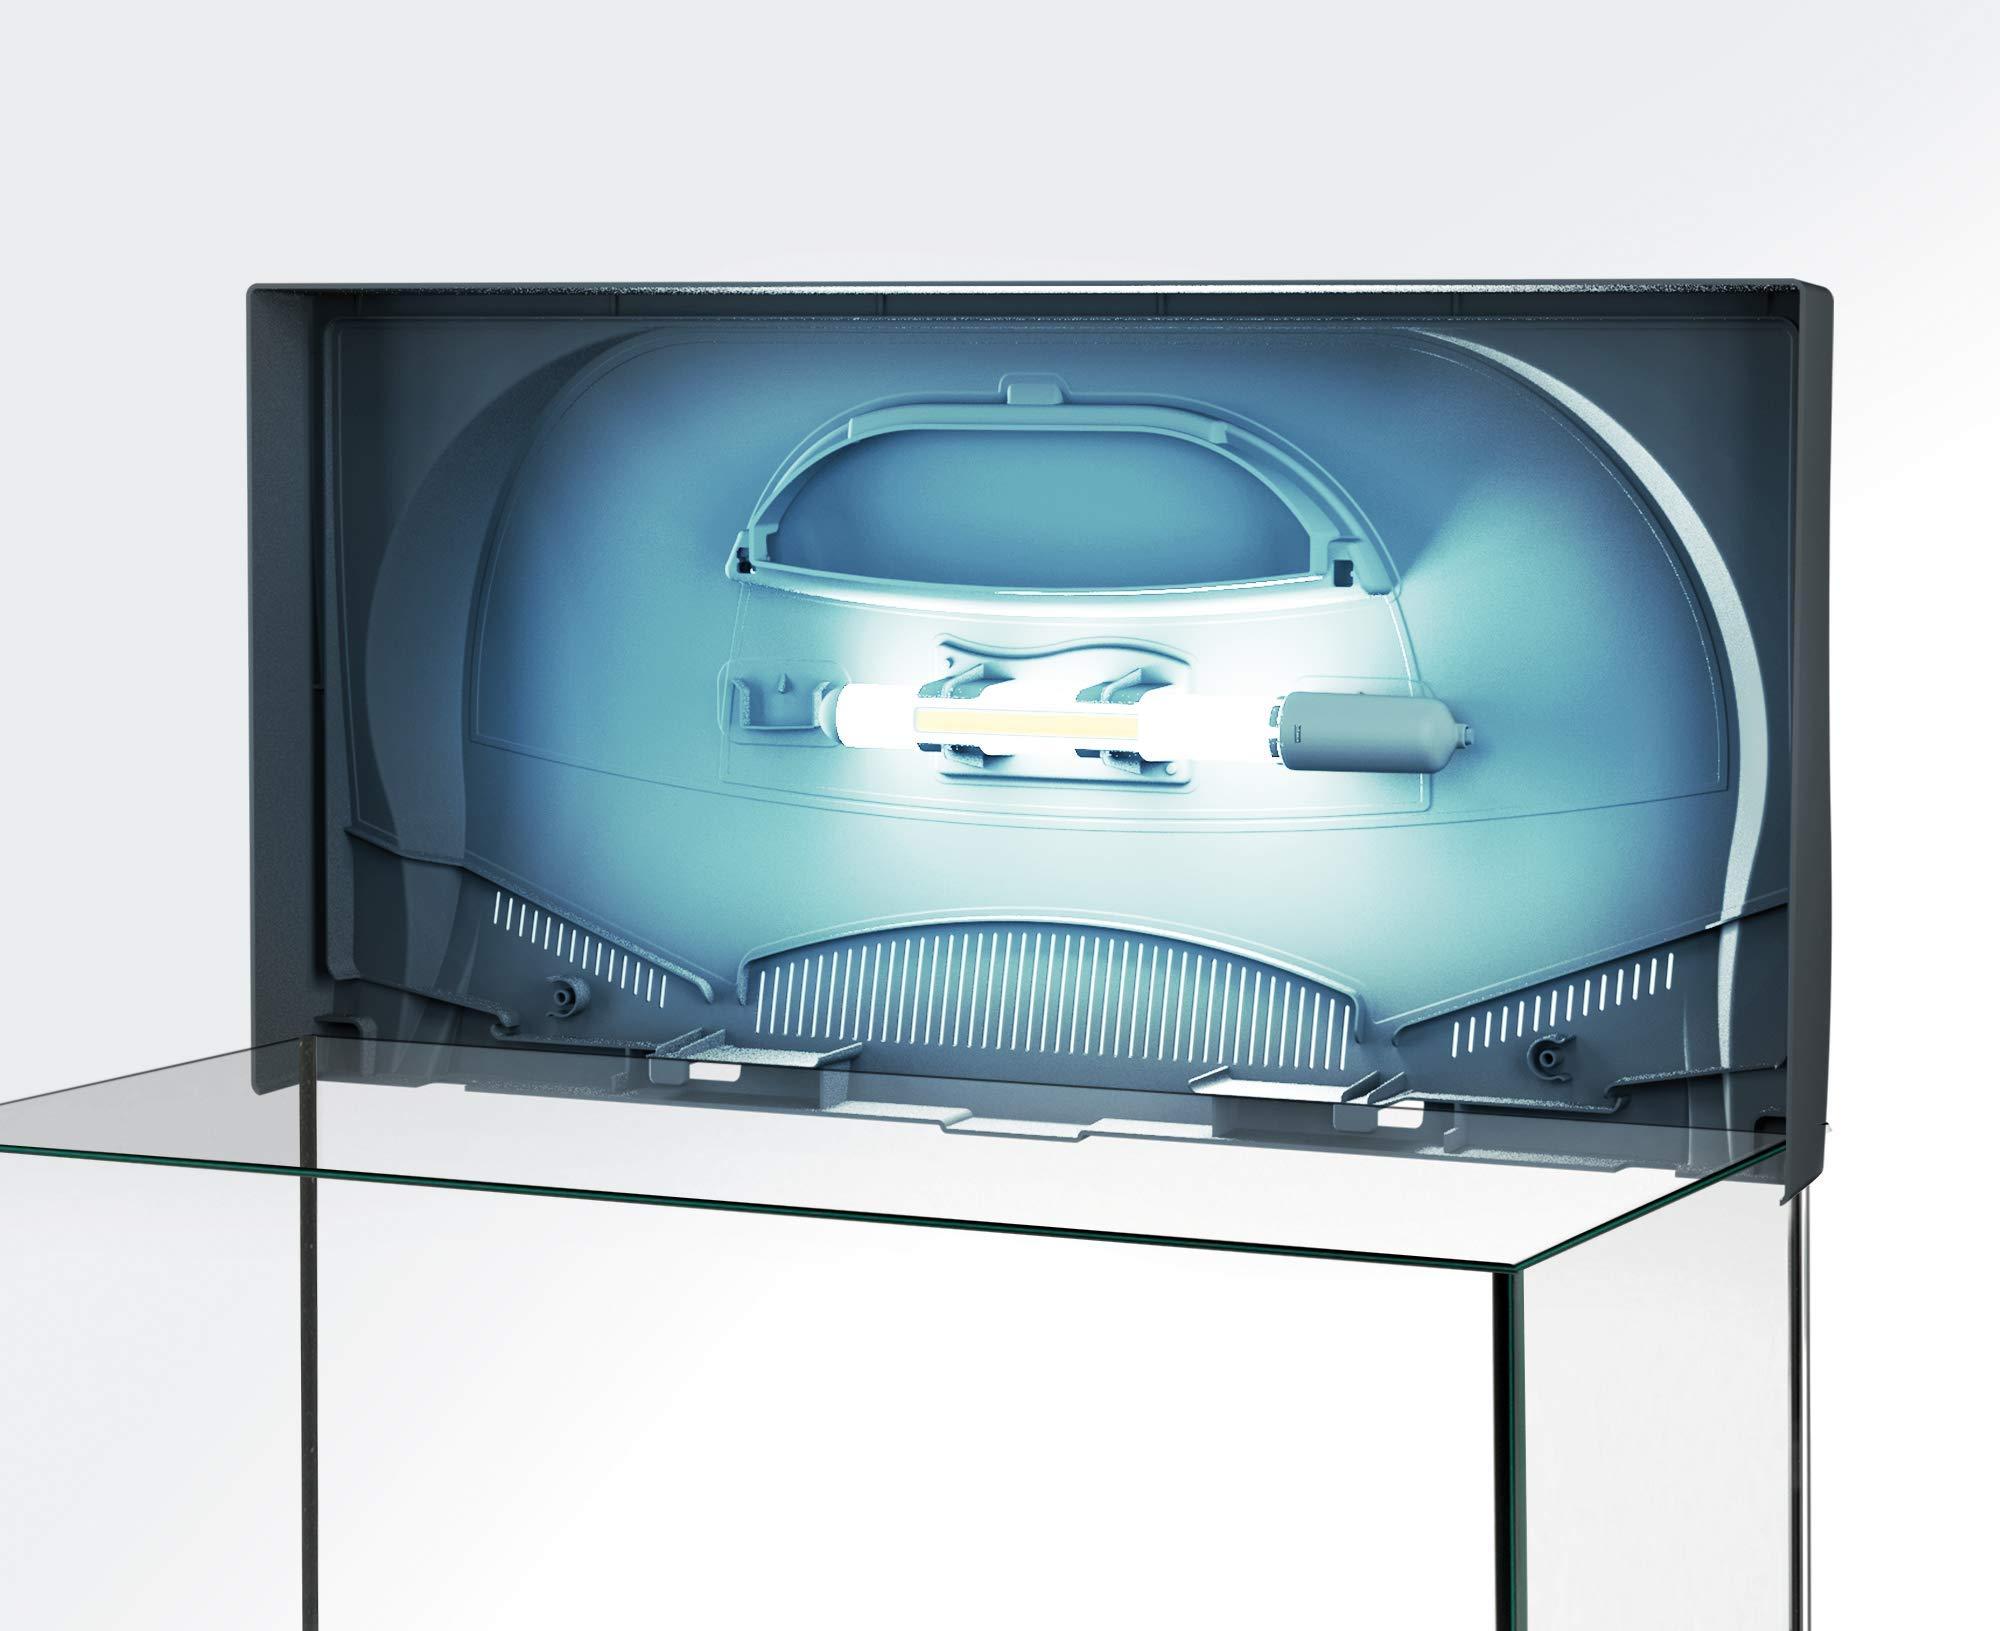 Tetra Tetra Aquarium Starter Line LED Fish Tank Complete Set Fish Tank